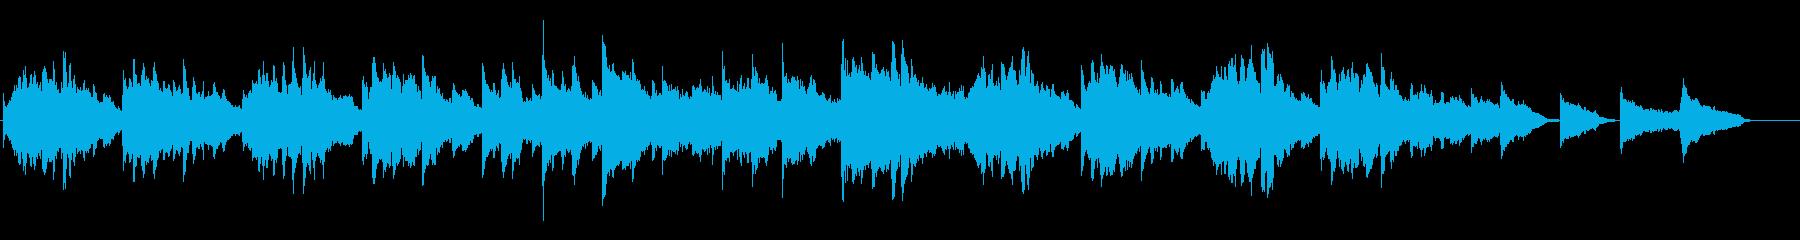 しっとりと美しい弦楽四重奏+ピアノ+鉄琴の再生済みの波形